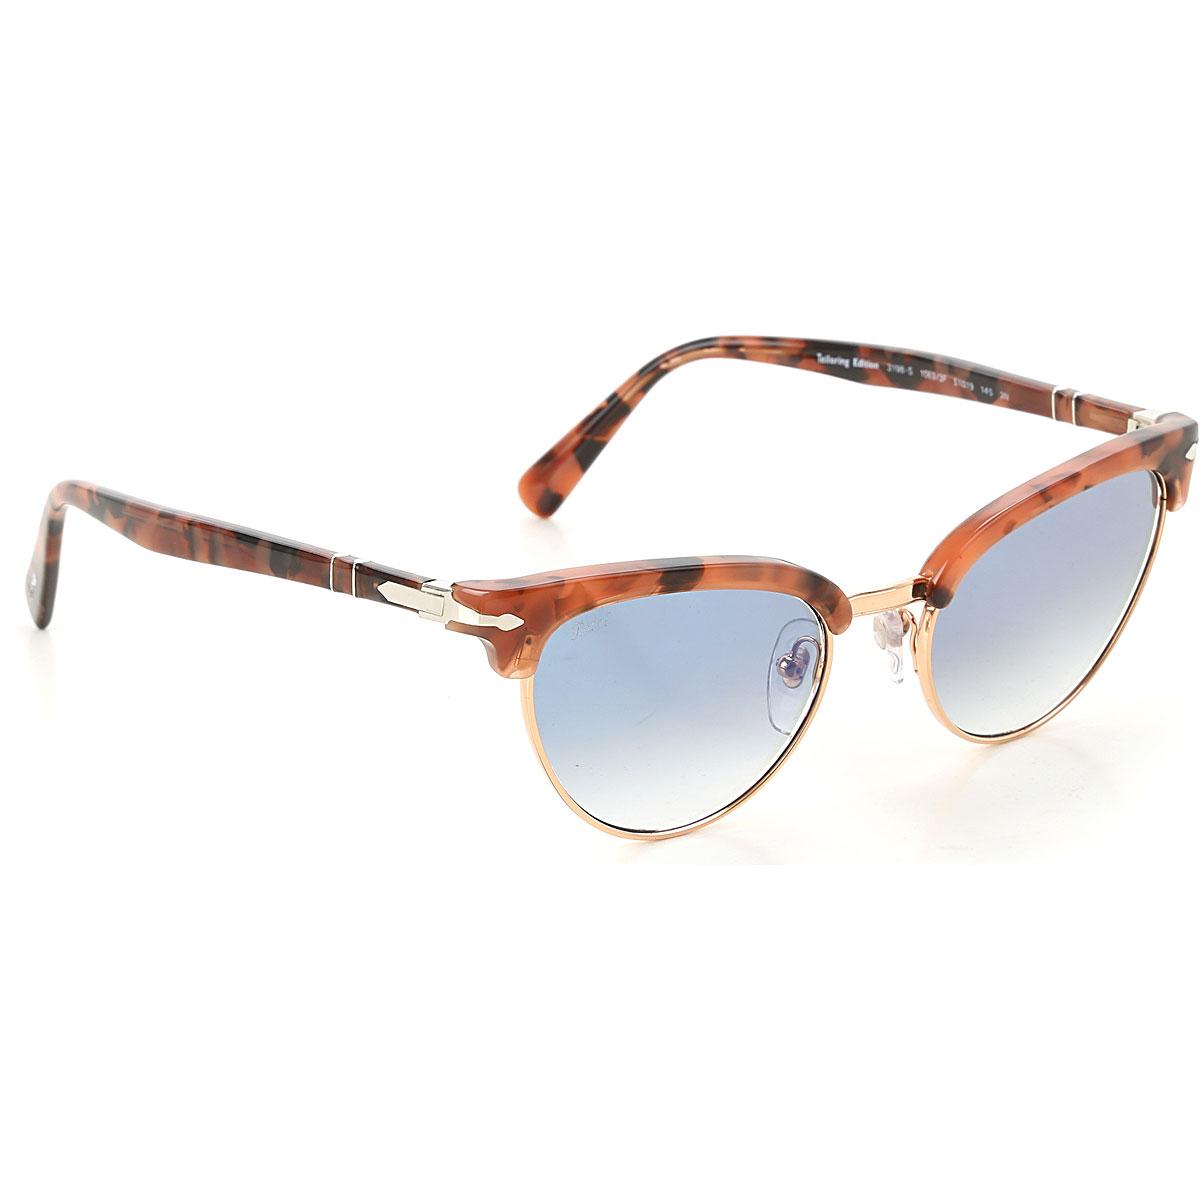 Persol Sunglasses On Sale, Havana Rose, 2019